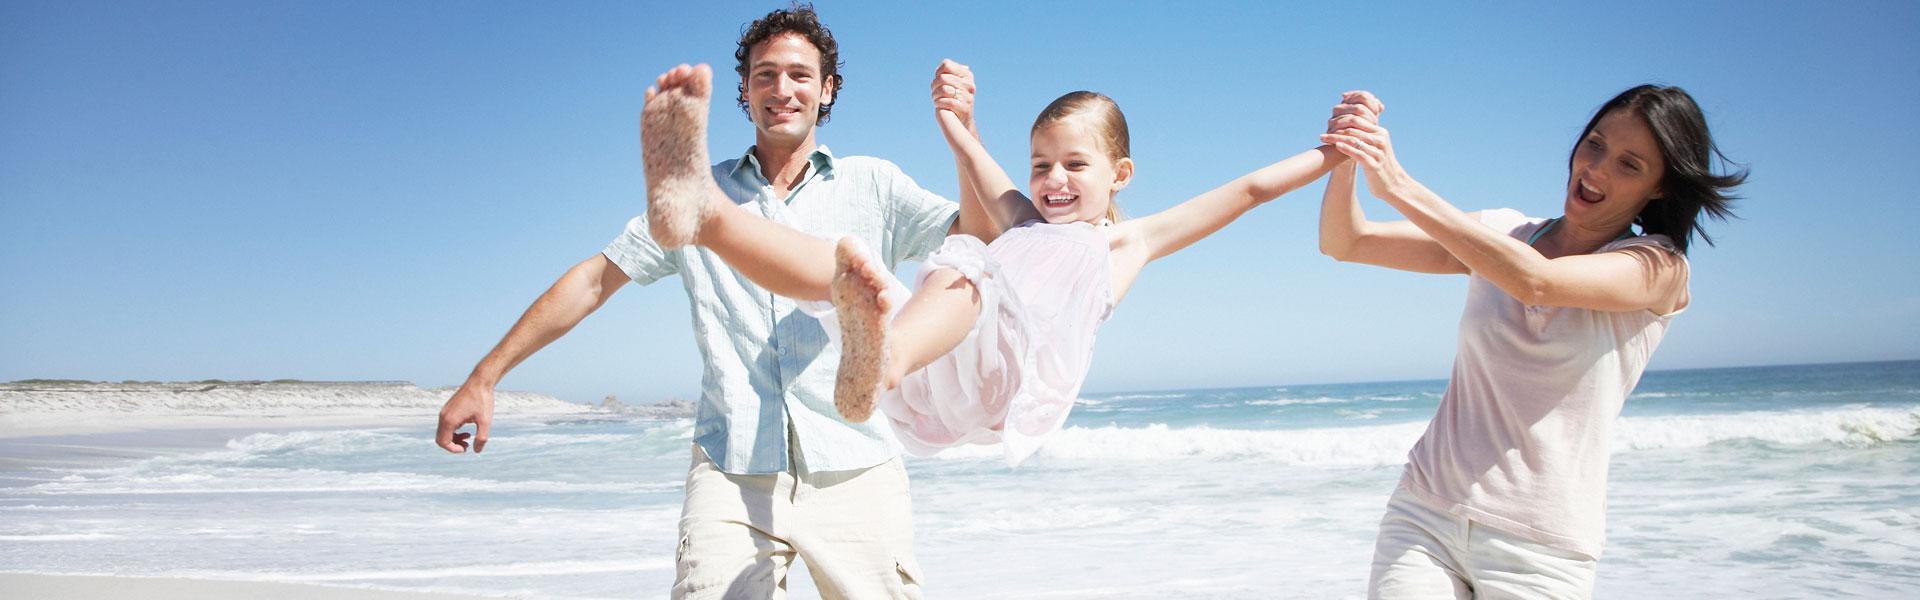 Hôtels Viserbella pour des vacances en famille!